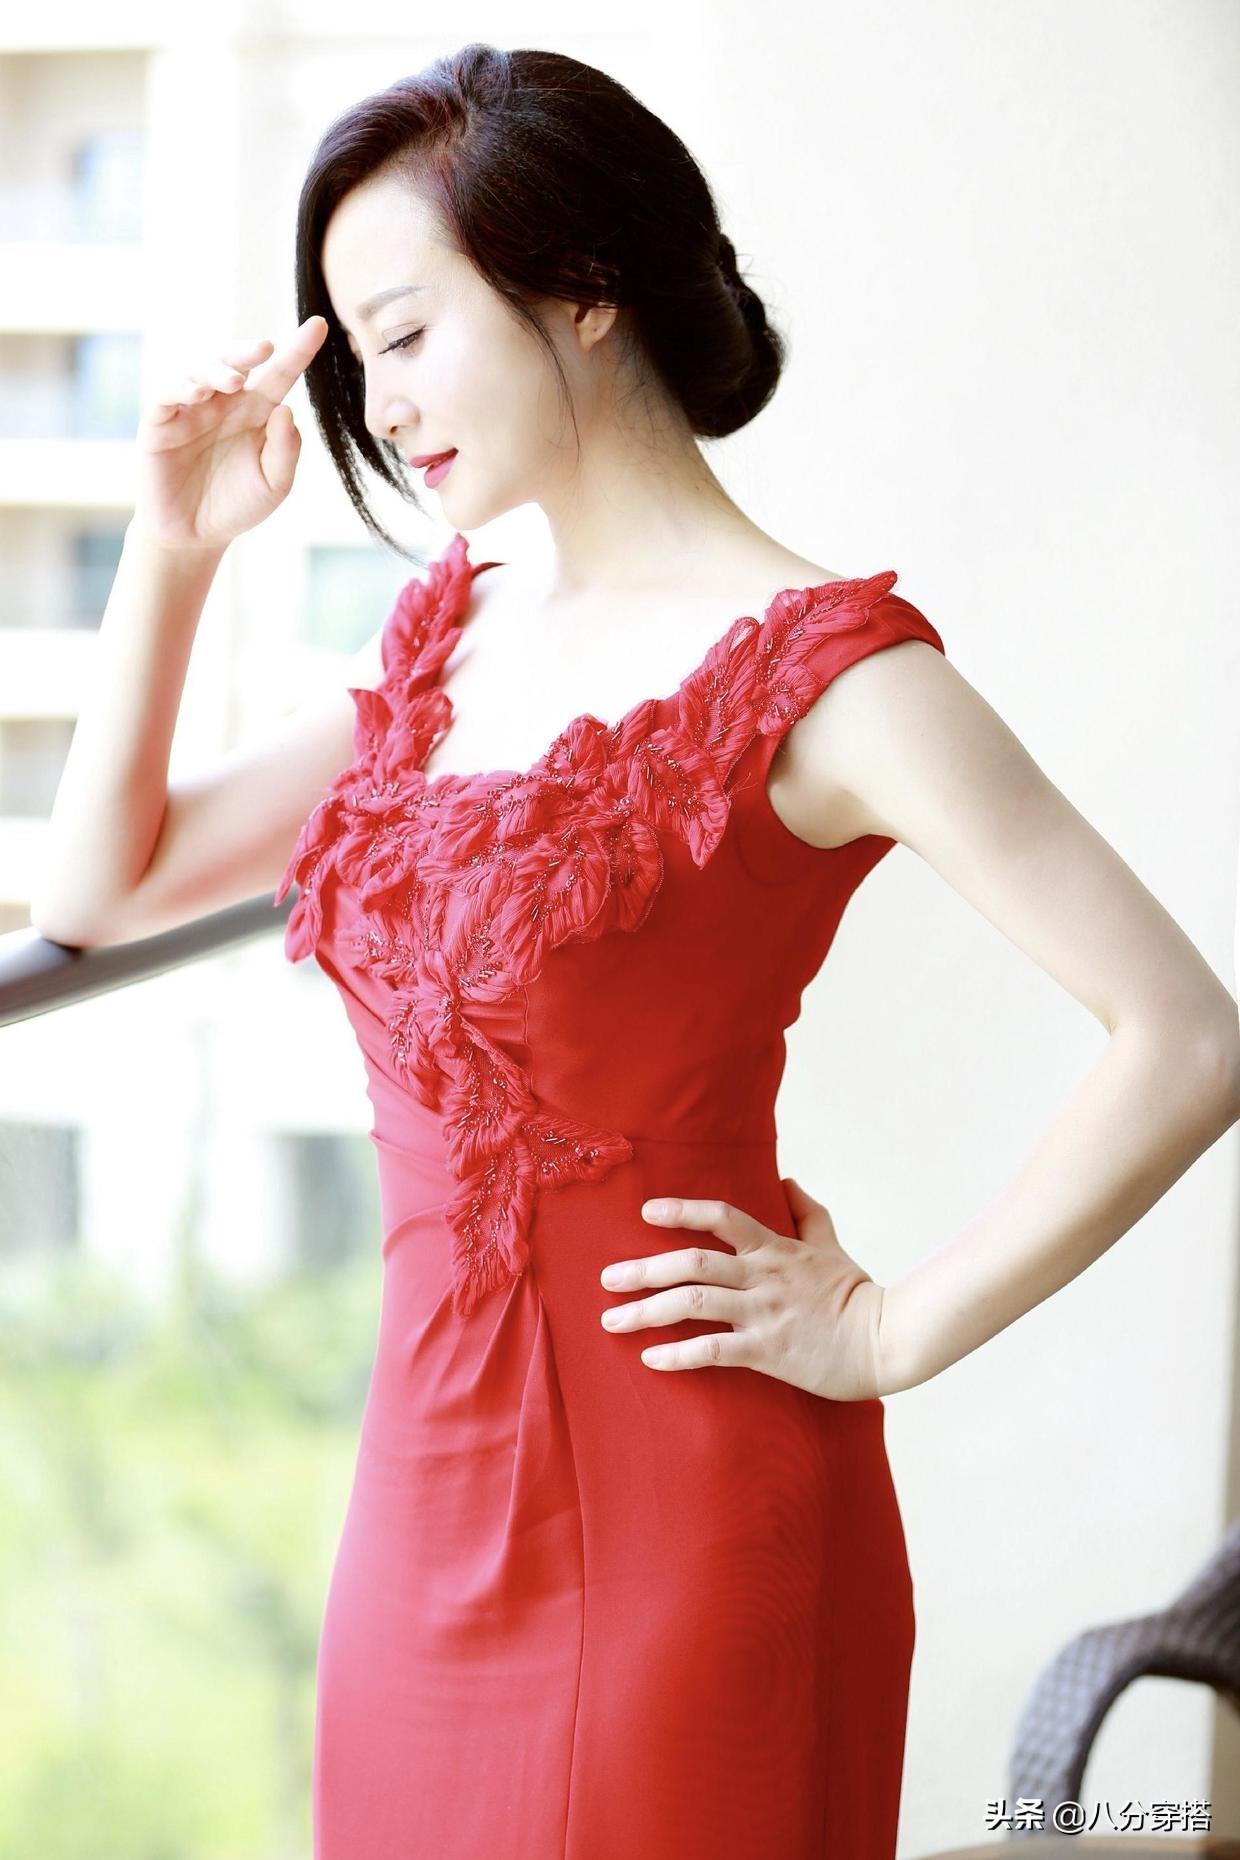 陶红把大红色连衣裙穿得那么美,优雅大气,一般人穿不出来这效果